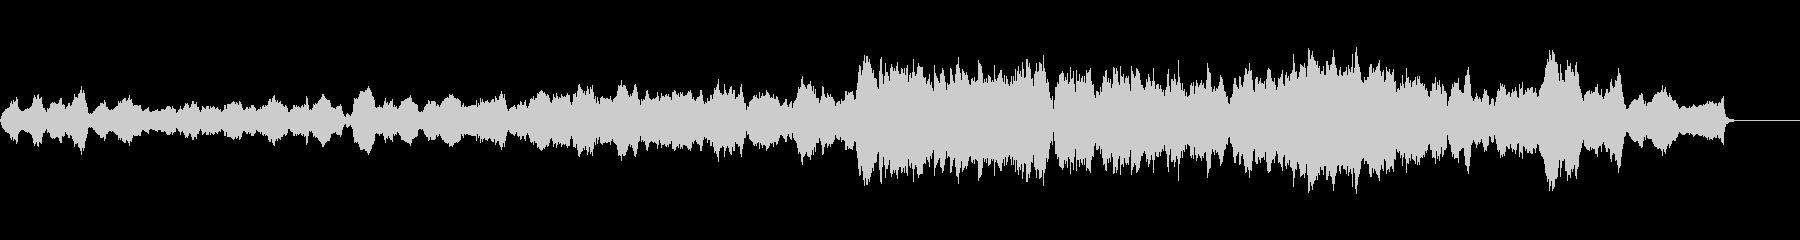 ストリングスの感動的なBGMの未再生の波形